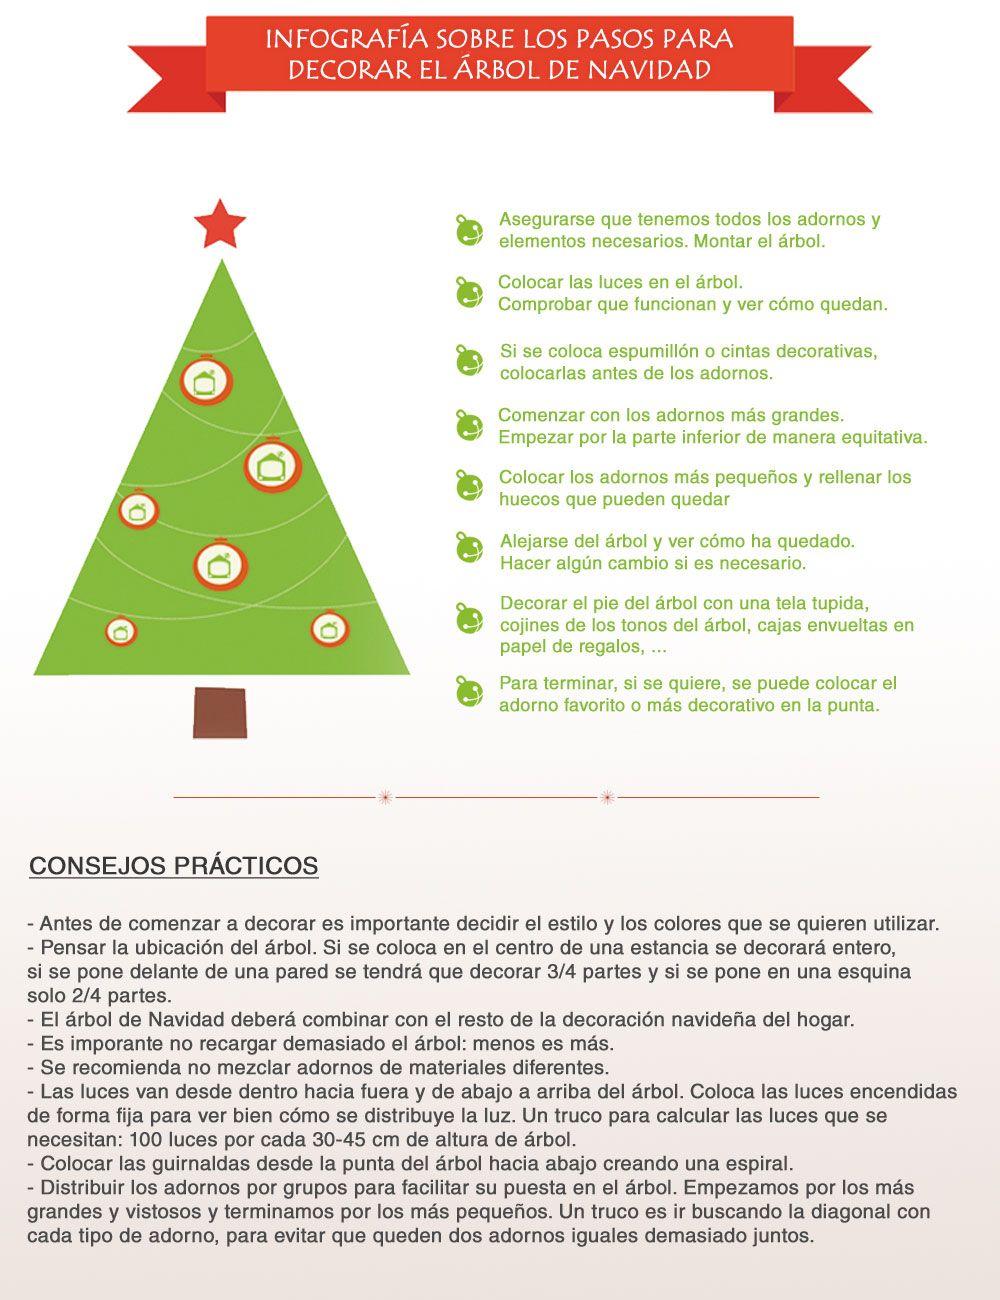 Decorar Arbol Navidad En Papel.Infografia De Los Pasos Para Decorar El Arbol De Navidad